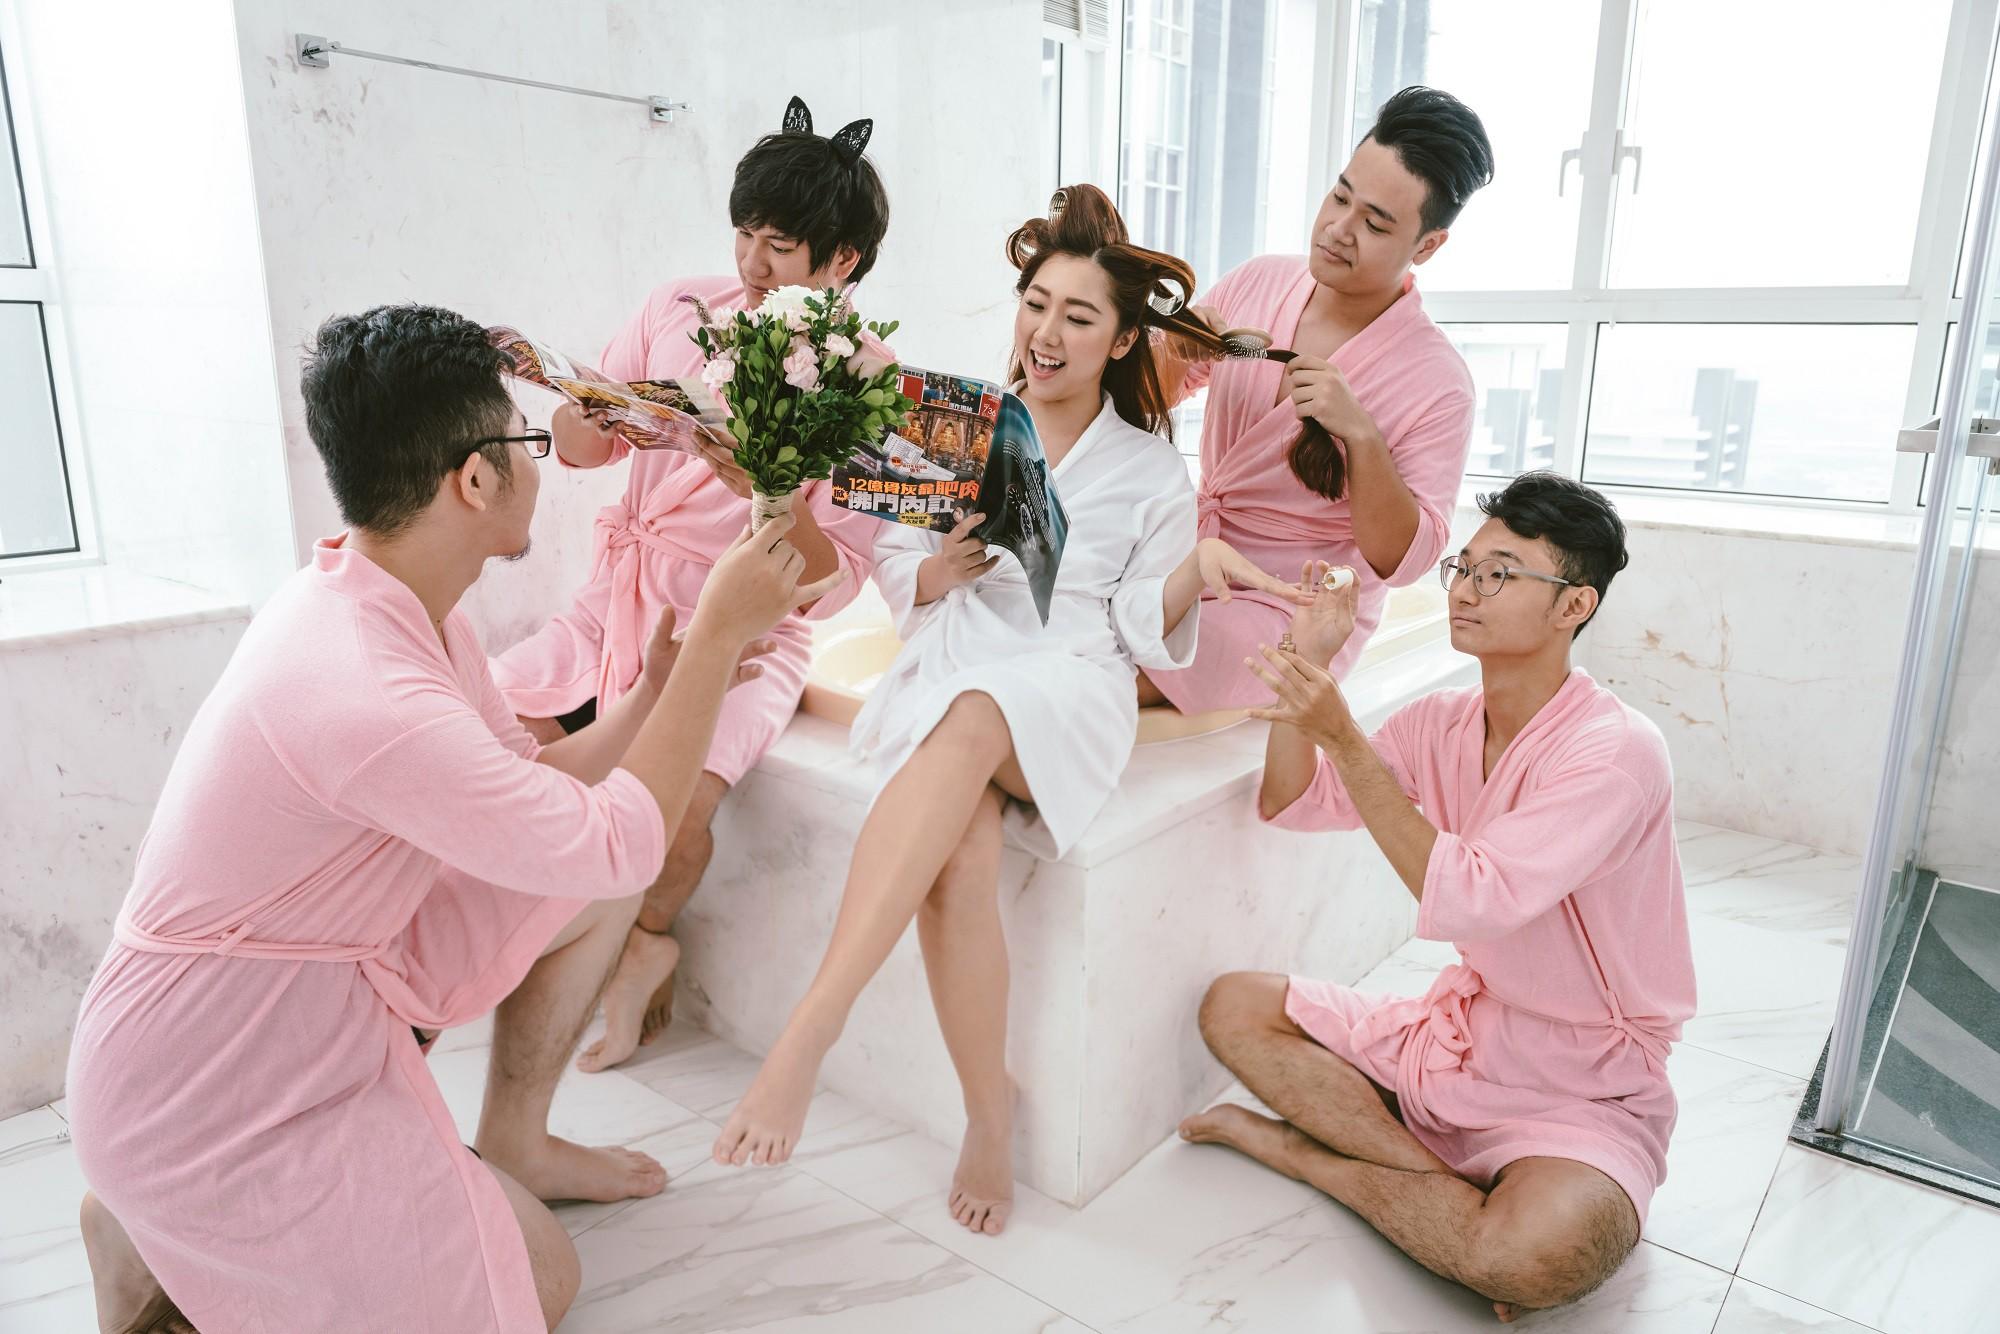 Em gái Trấn Thành kết hôn với bạn trai Hồng Kông, tung bộ ảnh cưới nhắng nhít cùng hội bạn thân - Ảnh 15.